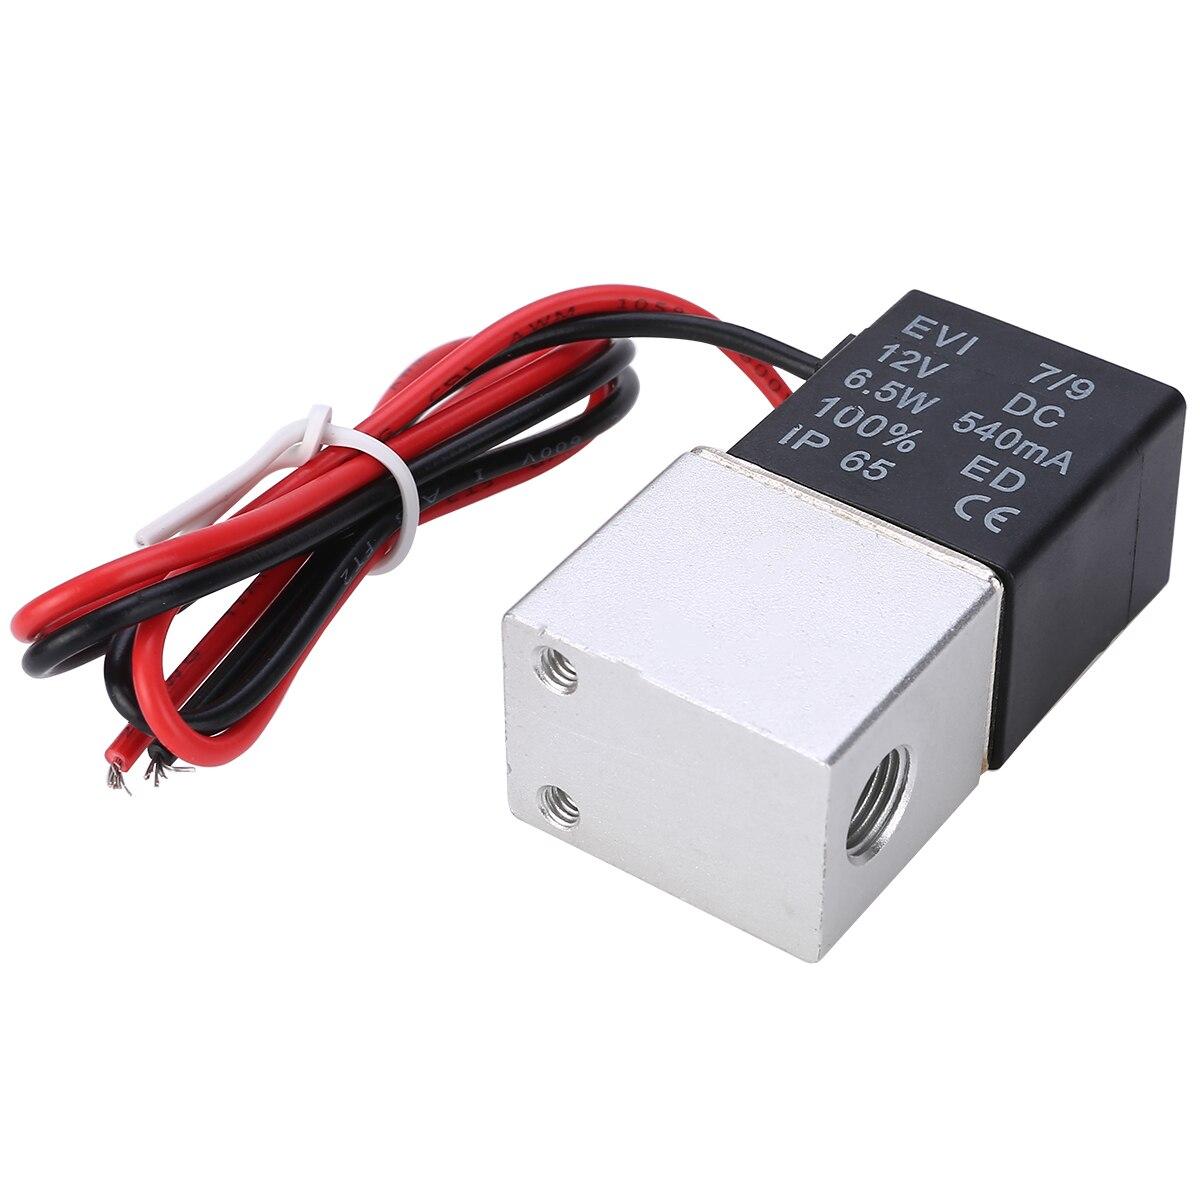 """1 шт. Электрический электромагнитный клапан из нержавеющей стали электромагнитный клапан DC 12 В 1/"""" Электрический электромагнитный клапан для воды воздуха"""